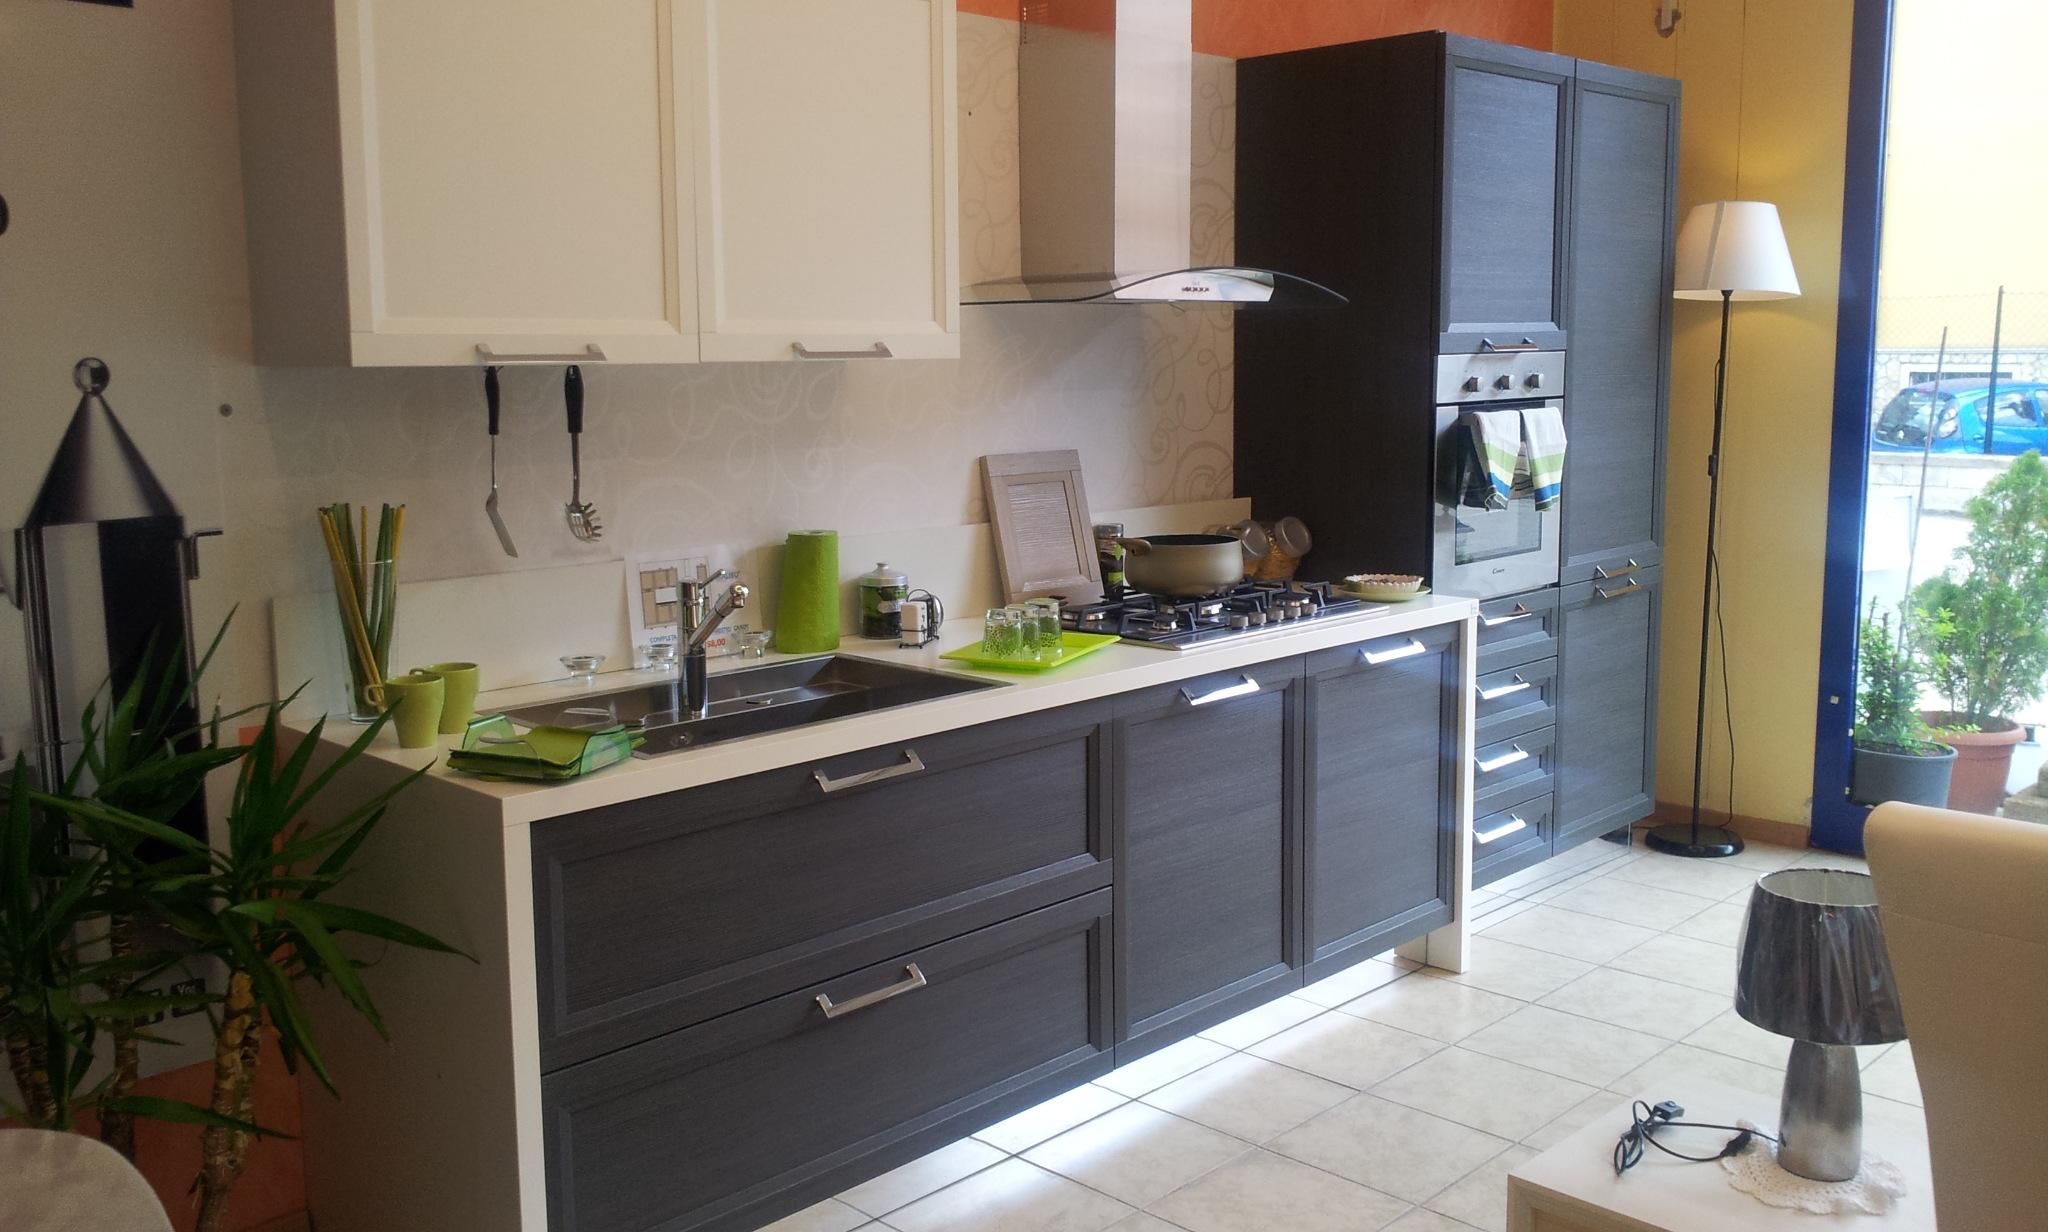 Cucina stosa cucine malib bianca e rovere grigio scontato - Cucine in rovere ...